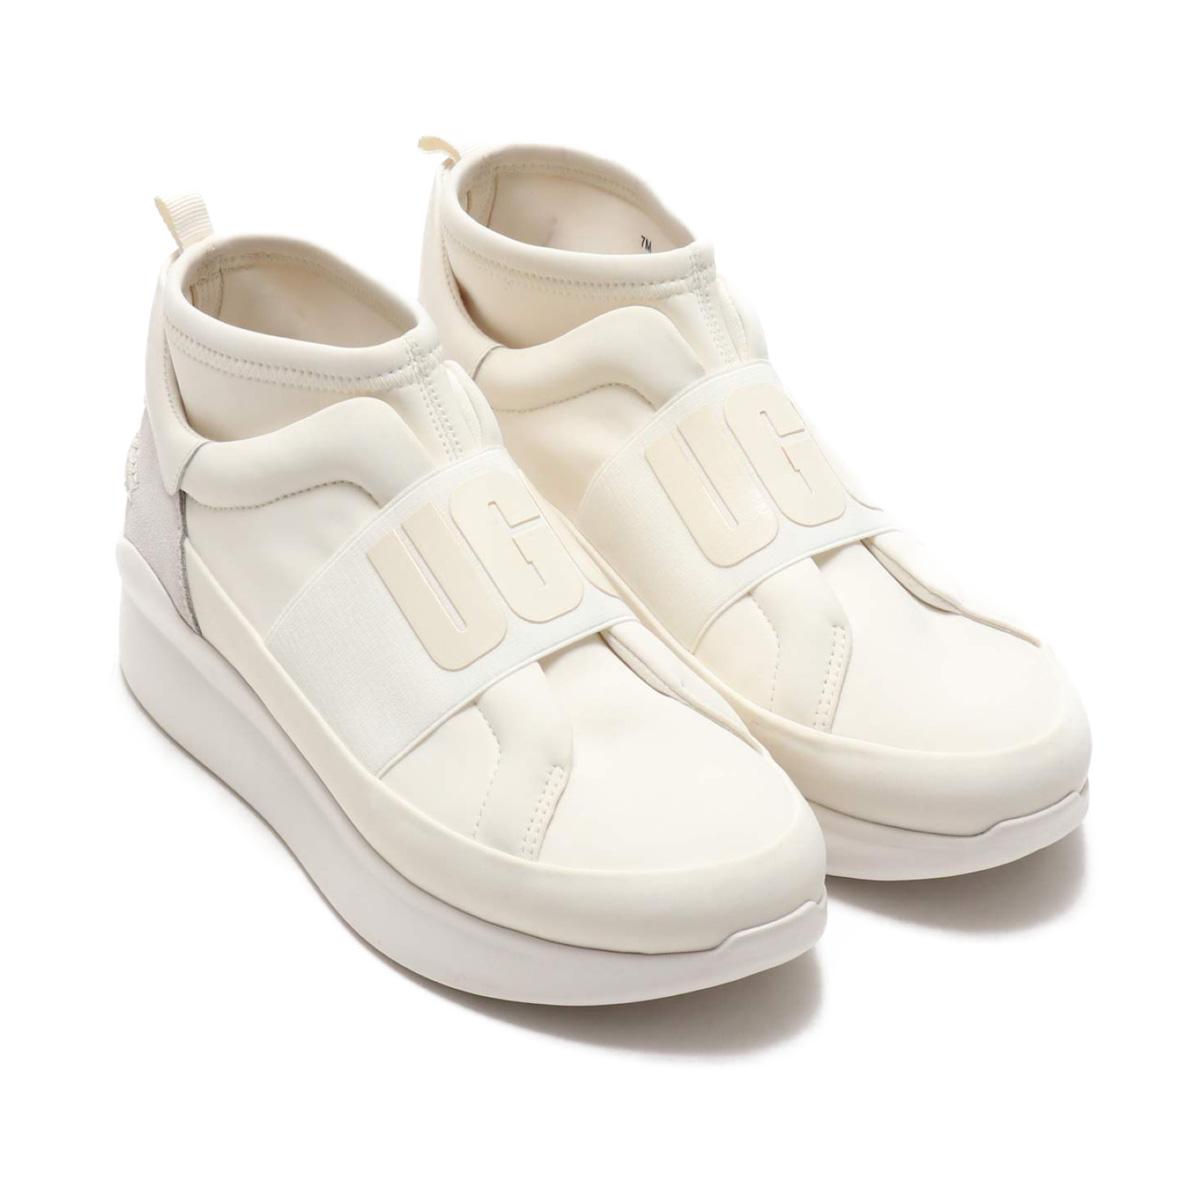 UGG Neutra Sneaker (アグ ニュートラ スニーカー)COCONUT MILK【レディース スニーカー】18FW-I